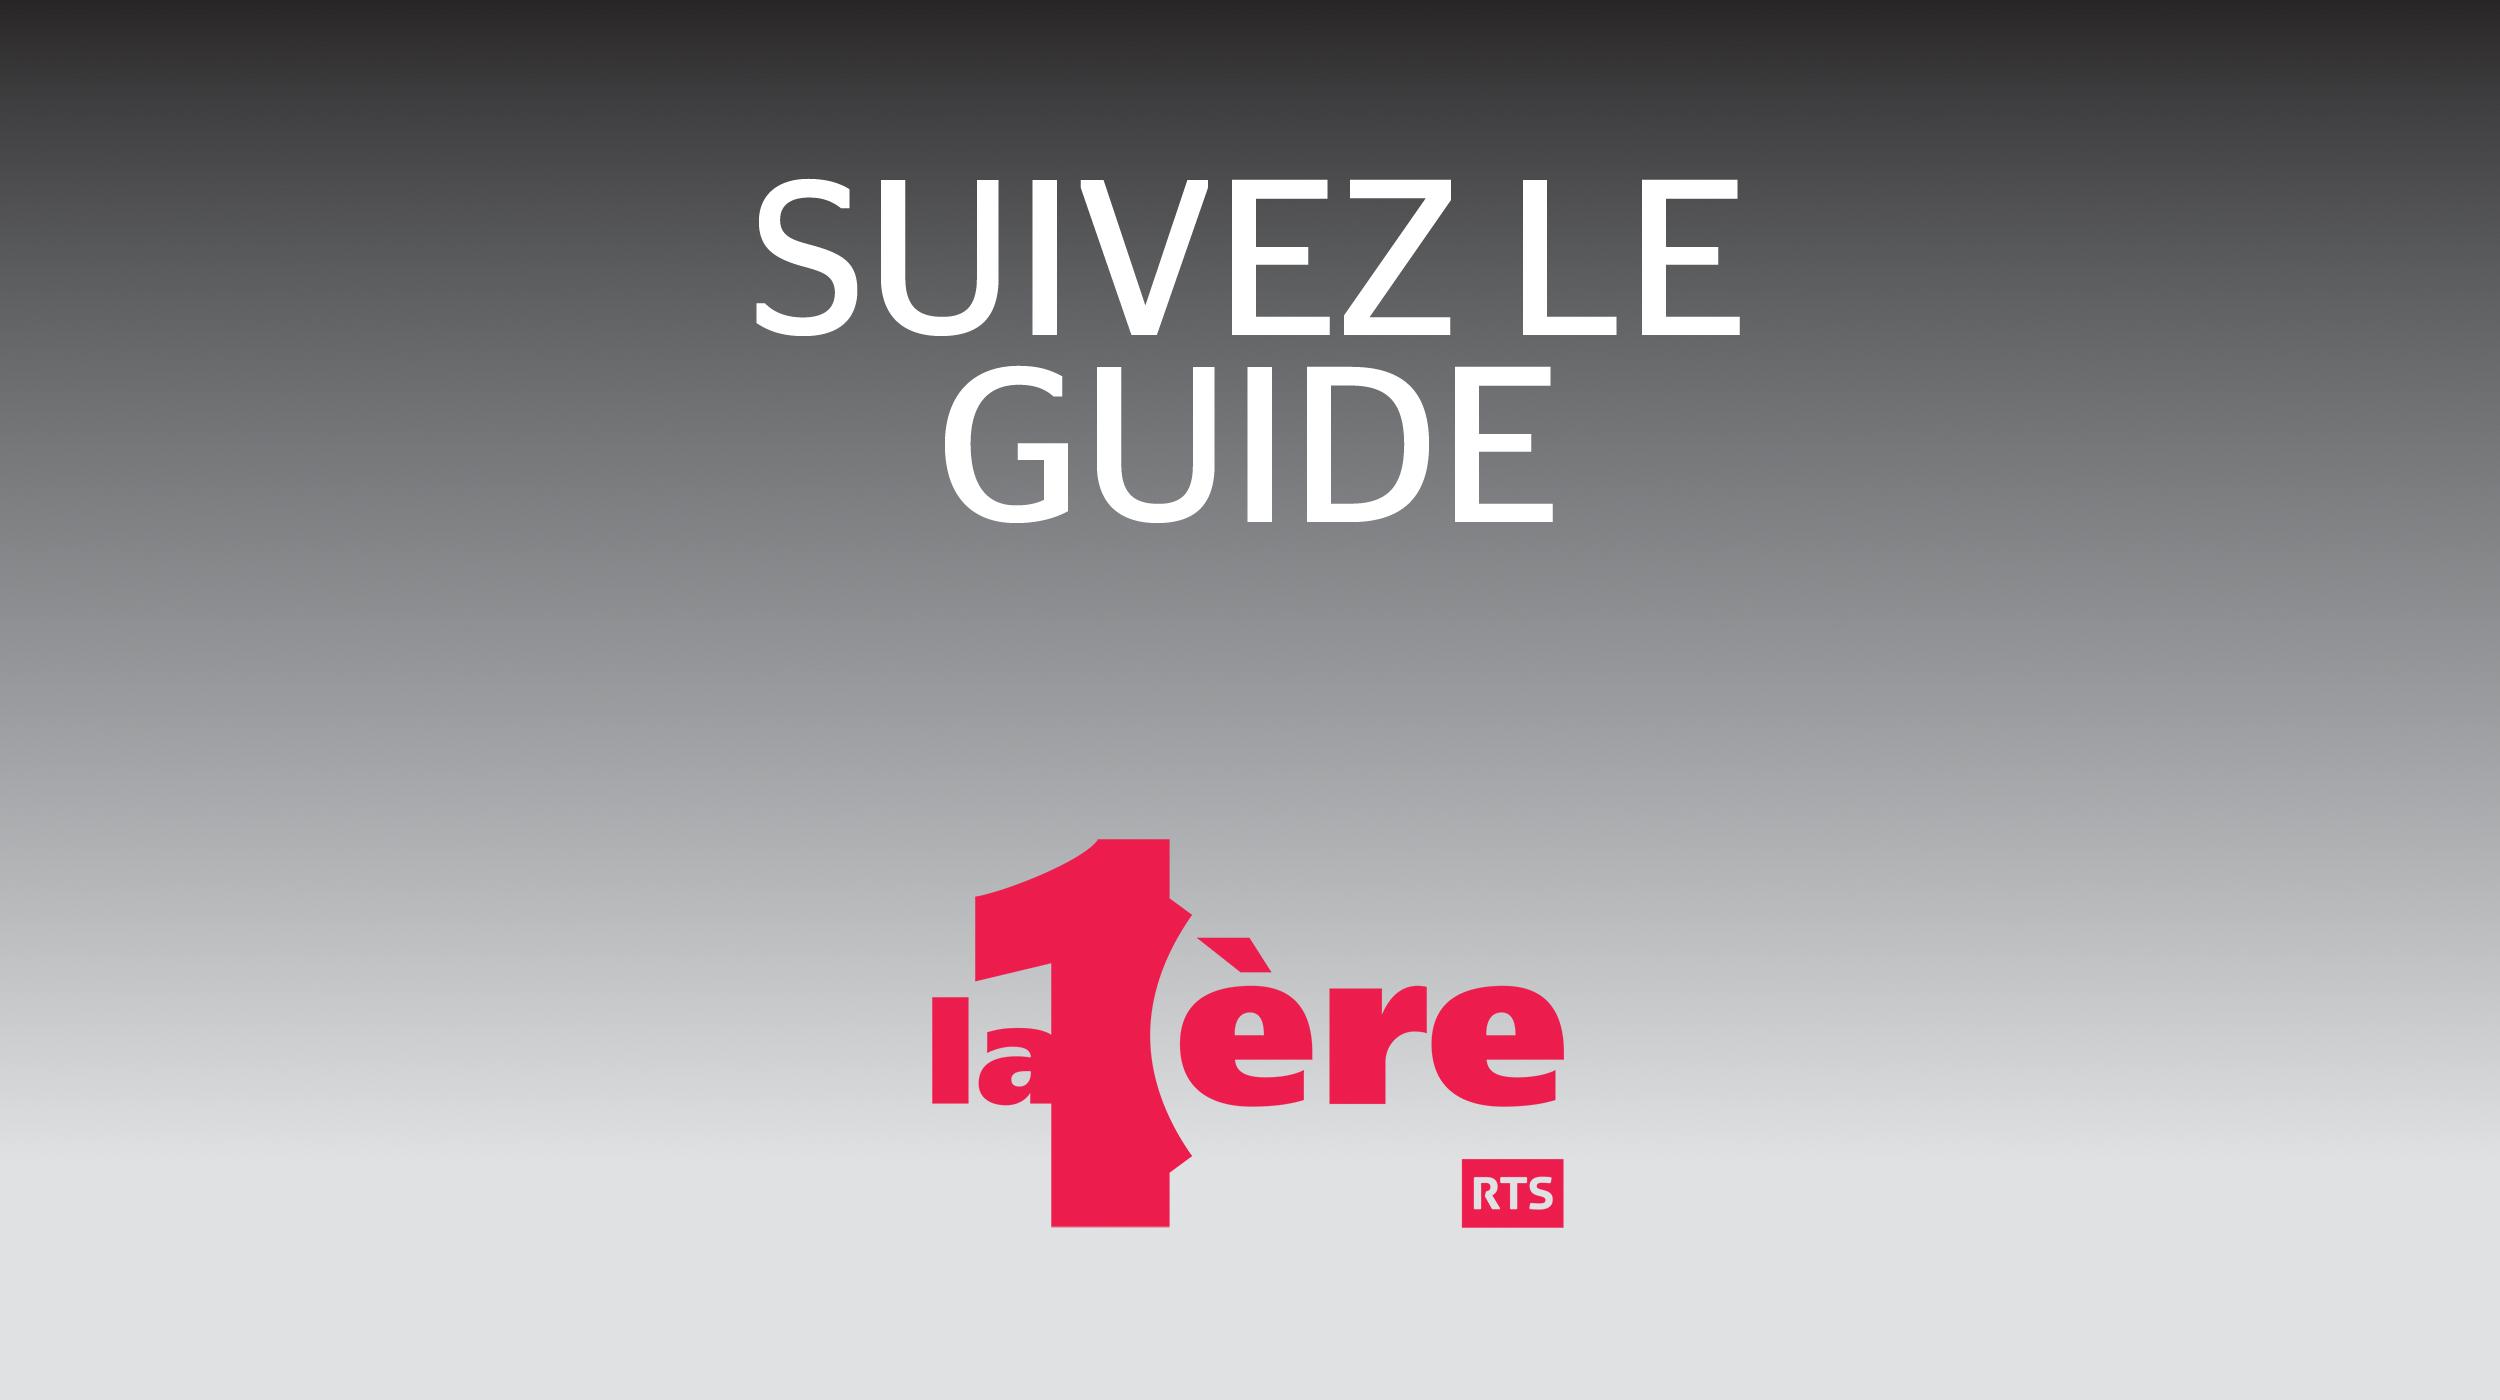 Logo Suivez le guide [RTS]